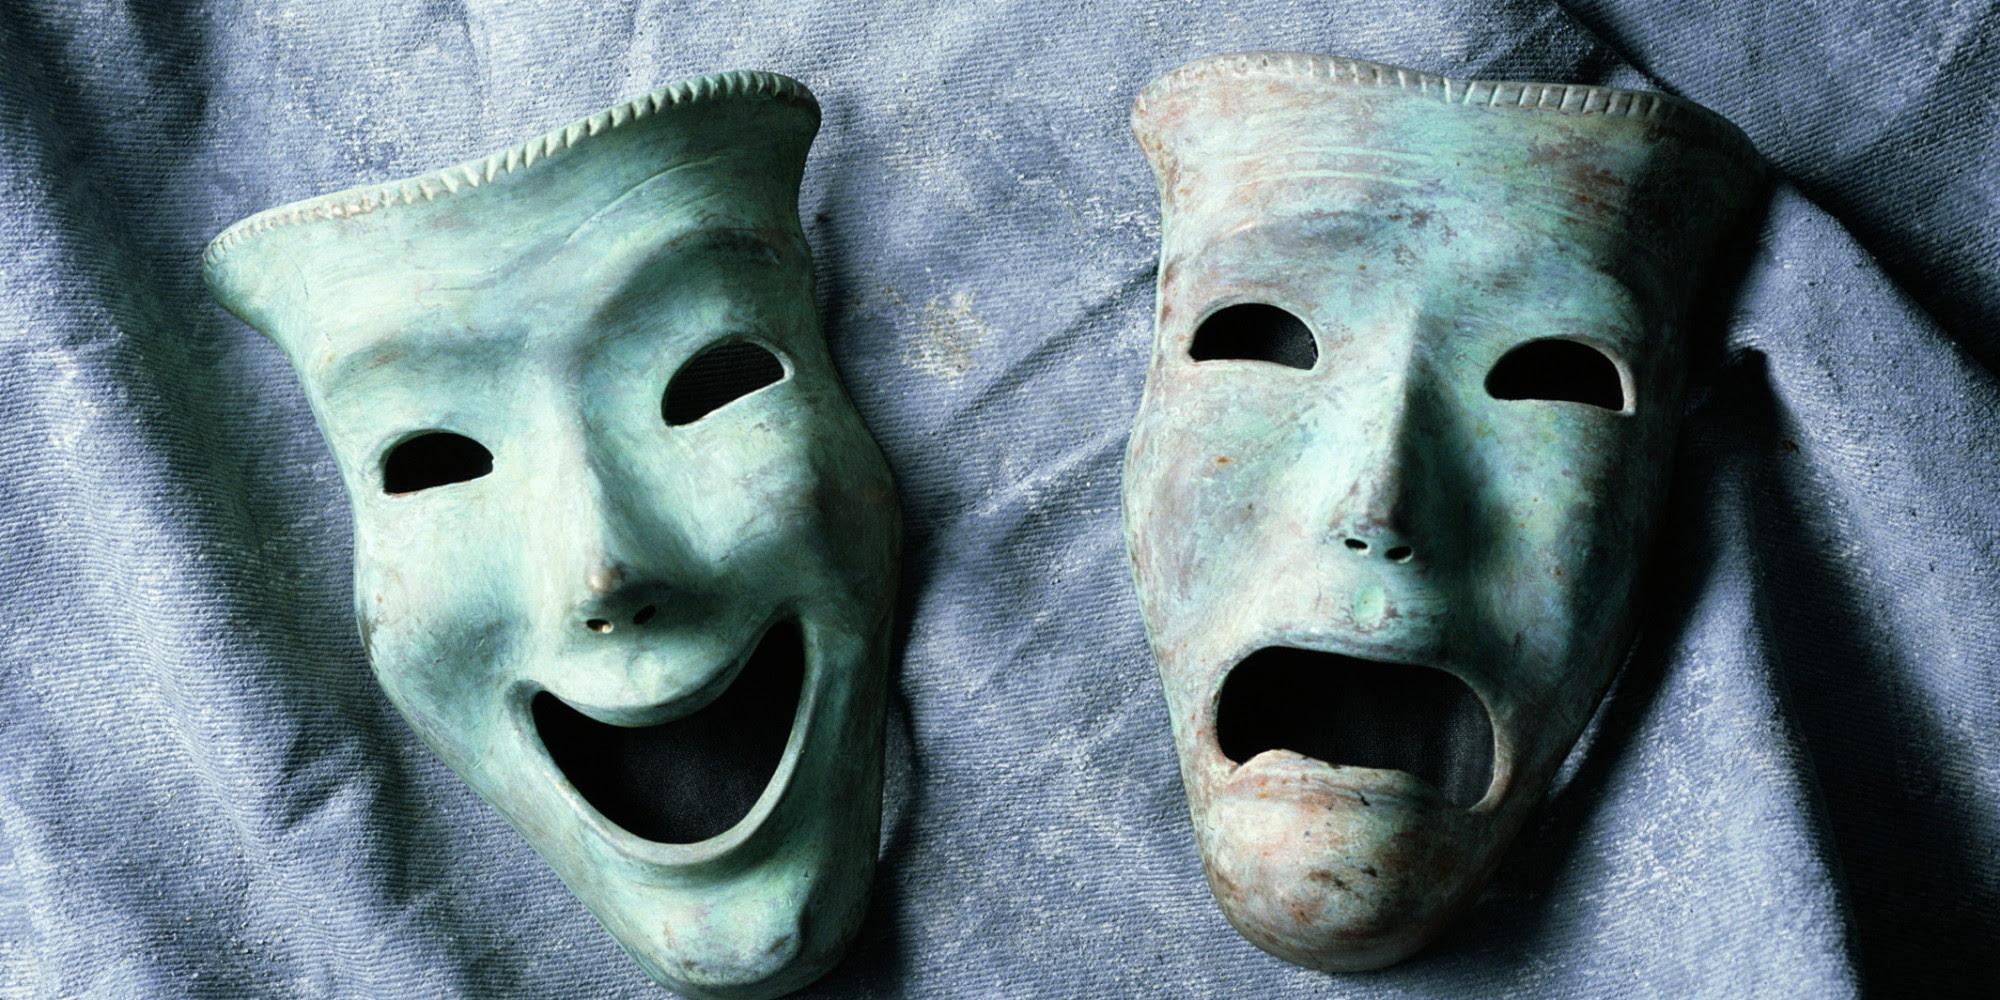 Human Masks and Mental Illness | HuffPost